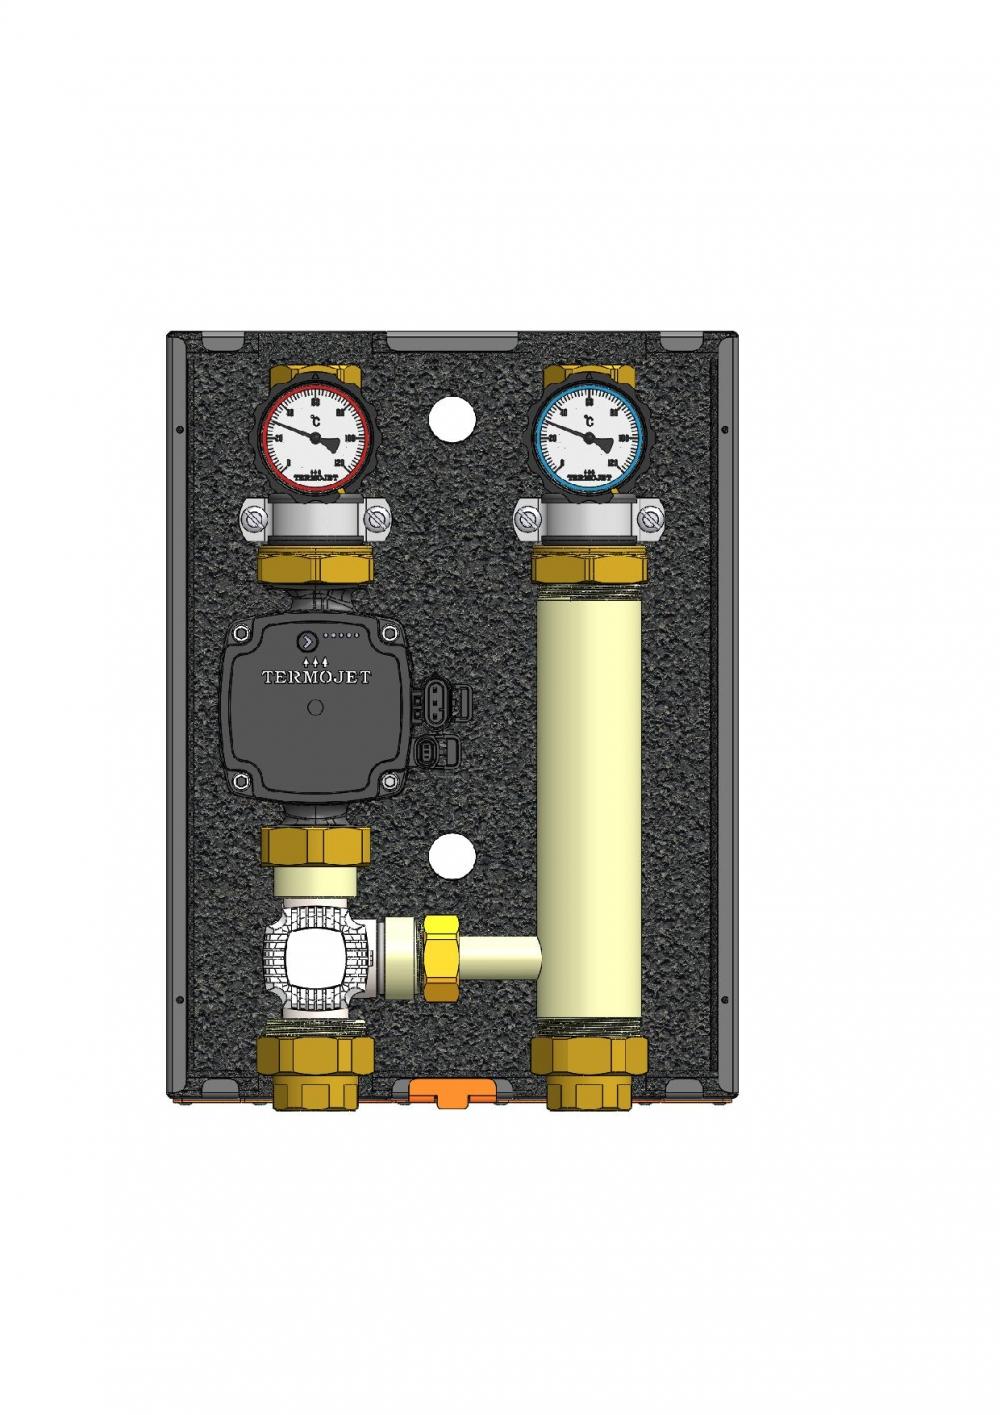 купить Насосная группа с термокраном Termojet  НГ- 49 - 1